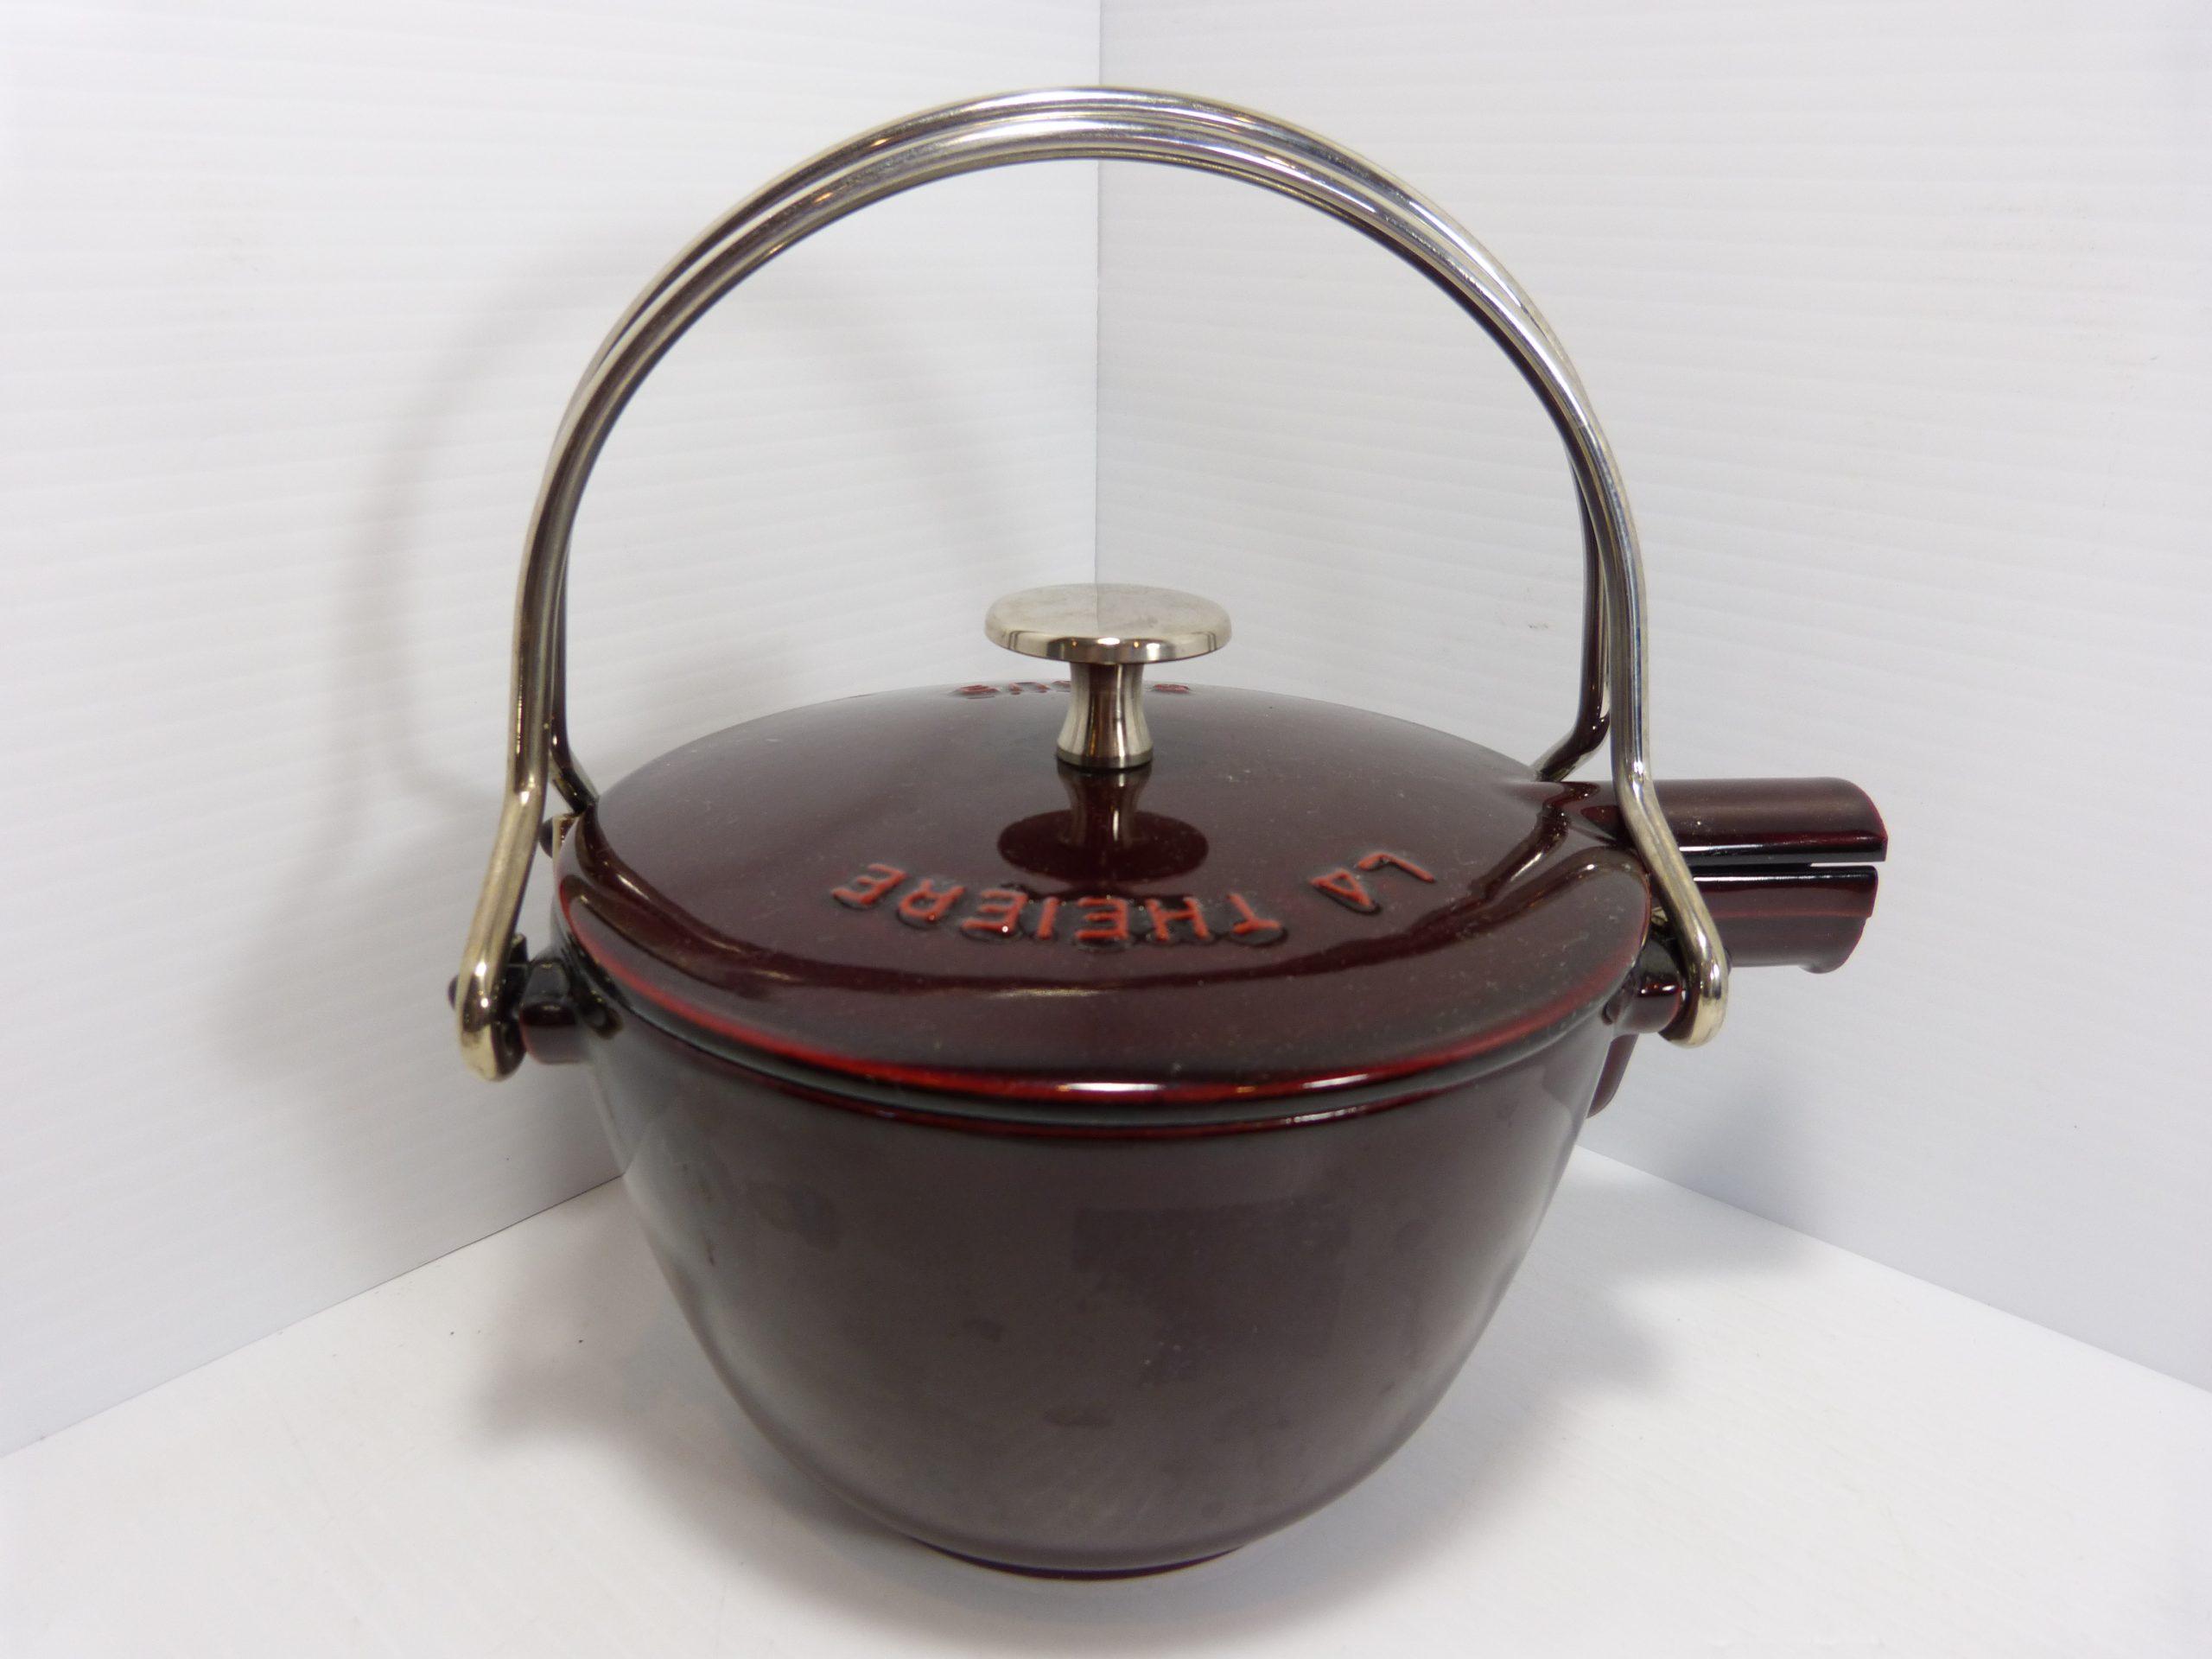 Staub La Theire Red Enamel Teapot Tea Kettle Cast Iron